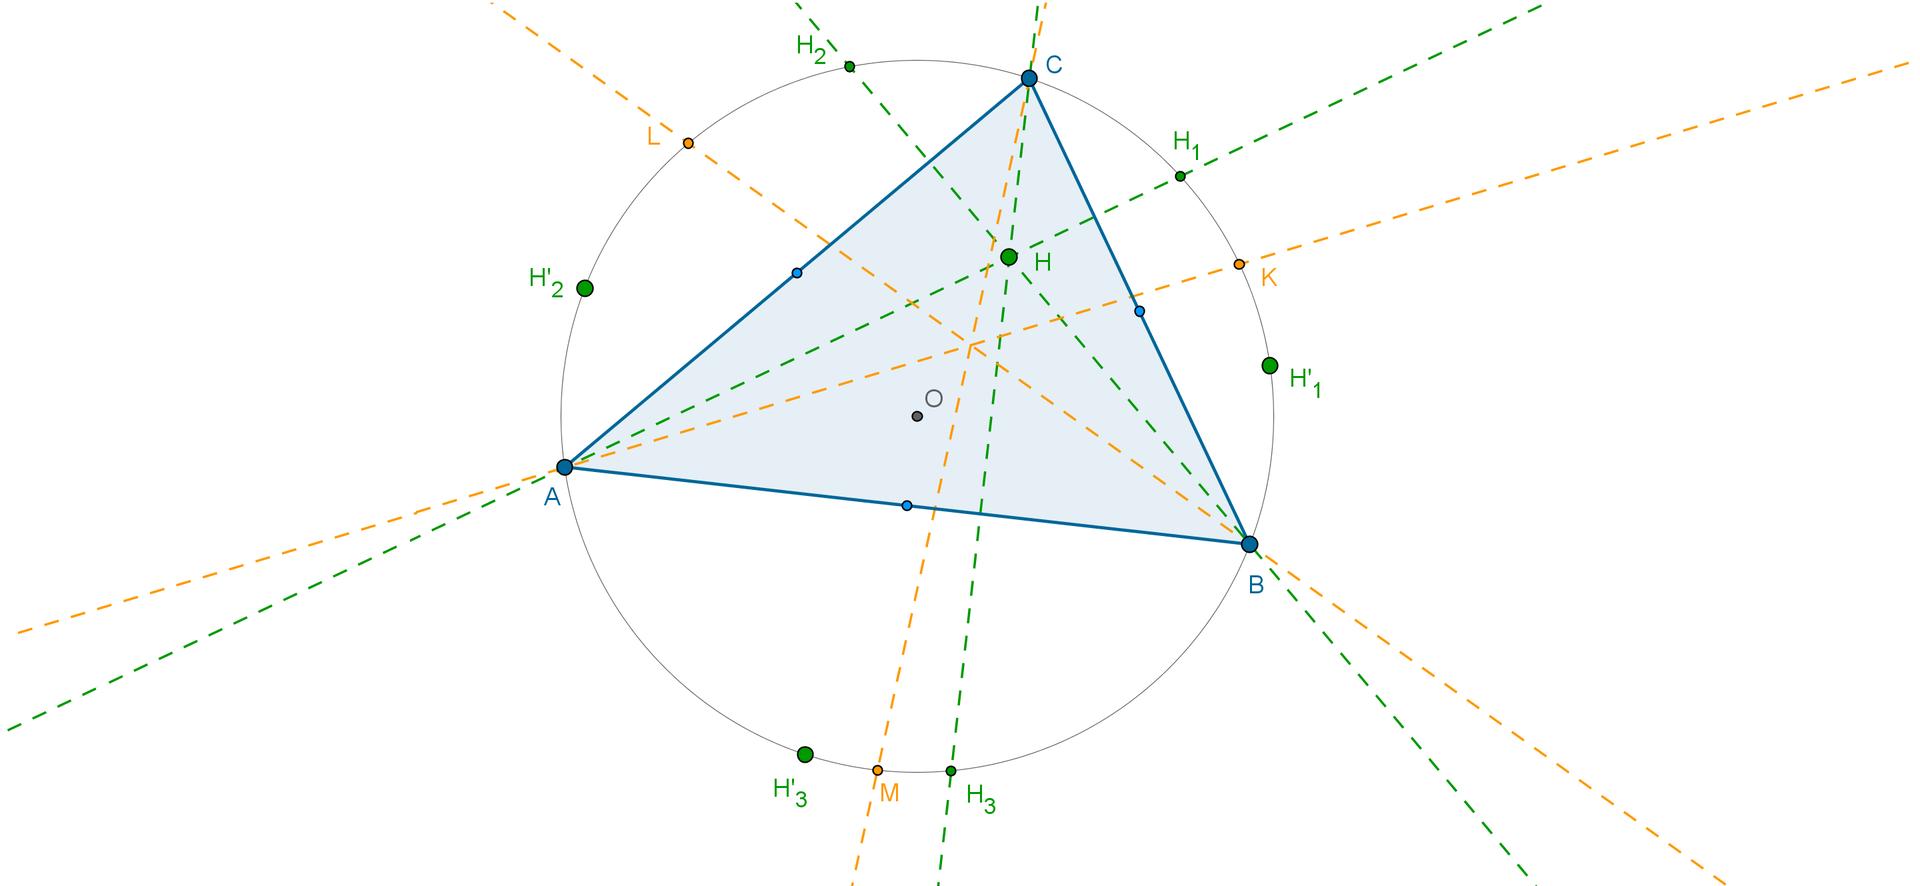 Rysunek trójkąta ostrokątnego ABC. Wysokości: Hzindeksem dolnym jeden, Hzindeksem dolnym dwa, Hzindeksem dolnym trzy, poprowadzone odpowiednio zwierzchołków A, BiCprzecinają się wpunkcie H. Zaznaczone punkty: Hprim zindeksem dolnym jeden, Hprim zindeksem dolnym dwa, Hprim zindeksem dolnym trzy. Zaznaczone punkty K, L, M.